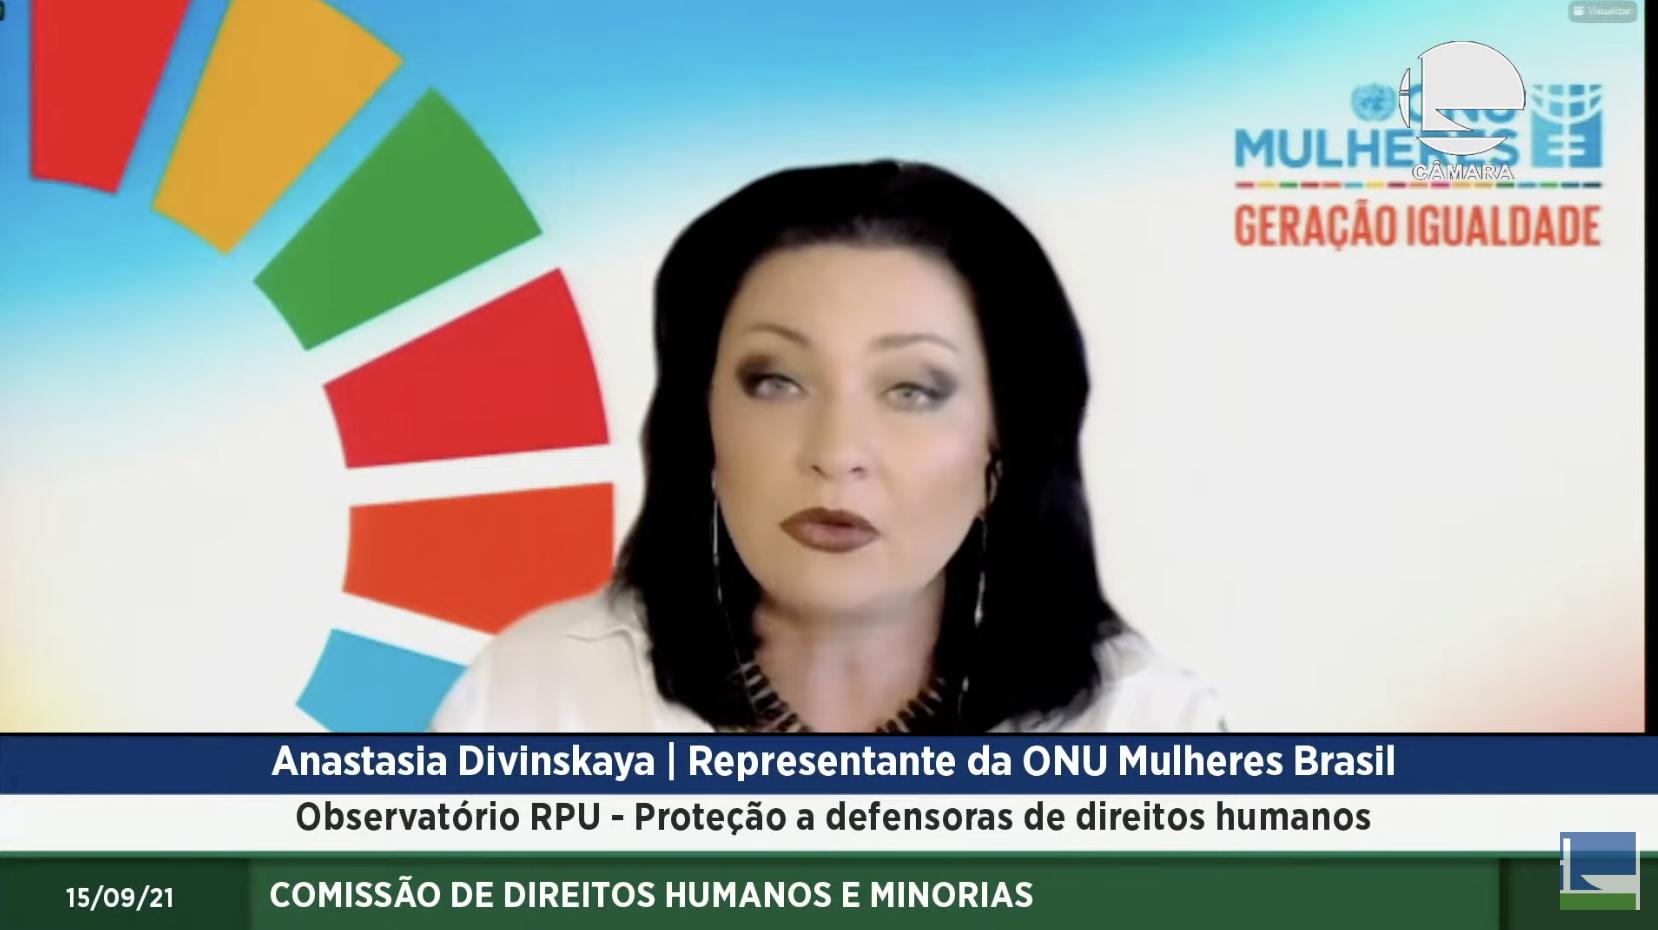 Discurso da representante da ONU Mulheres Brasil, Anastasia Divinskaya, na audiência pública sobre recomendações sobre proteção a defensoras e defensores de direitos humanos/representante onu mulheres noticias direitos humanos direitosdasmulheres defensoras de direitos humanos